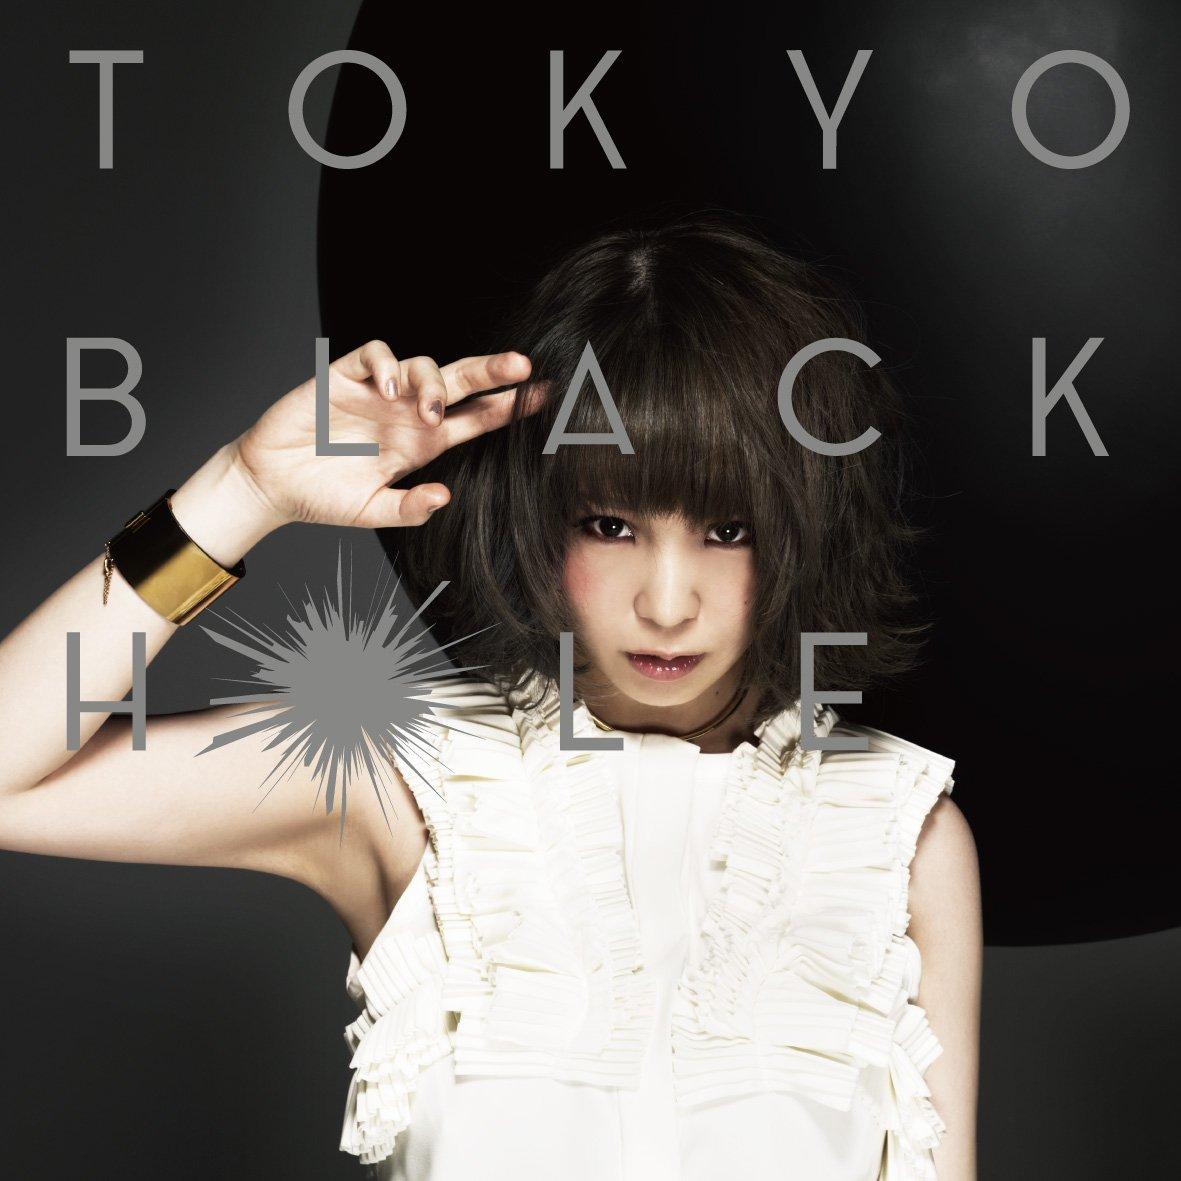 3/23発売『TOKYO BLACK HOLE』全貌解禁!限定盤JAKは漫画家奥浩哉描下ろし!本人執筆書籍に直木賞作家朝井リョウによる3,000字解説付!盛り沢山で160文字説明無理!⇒